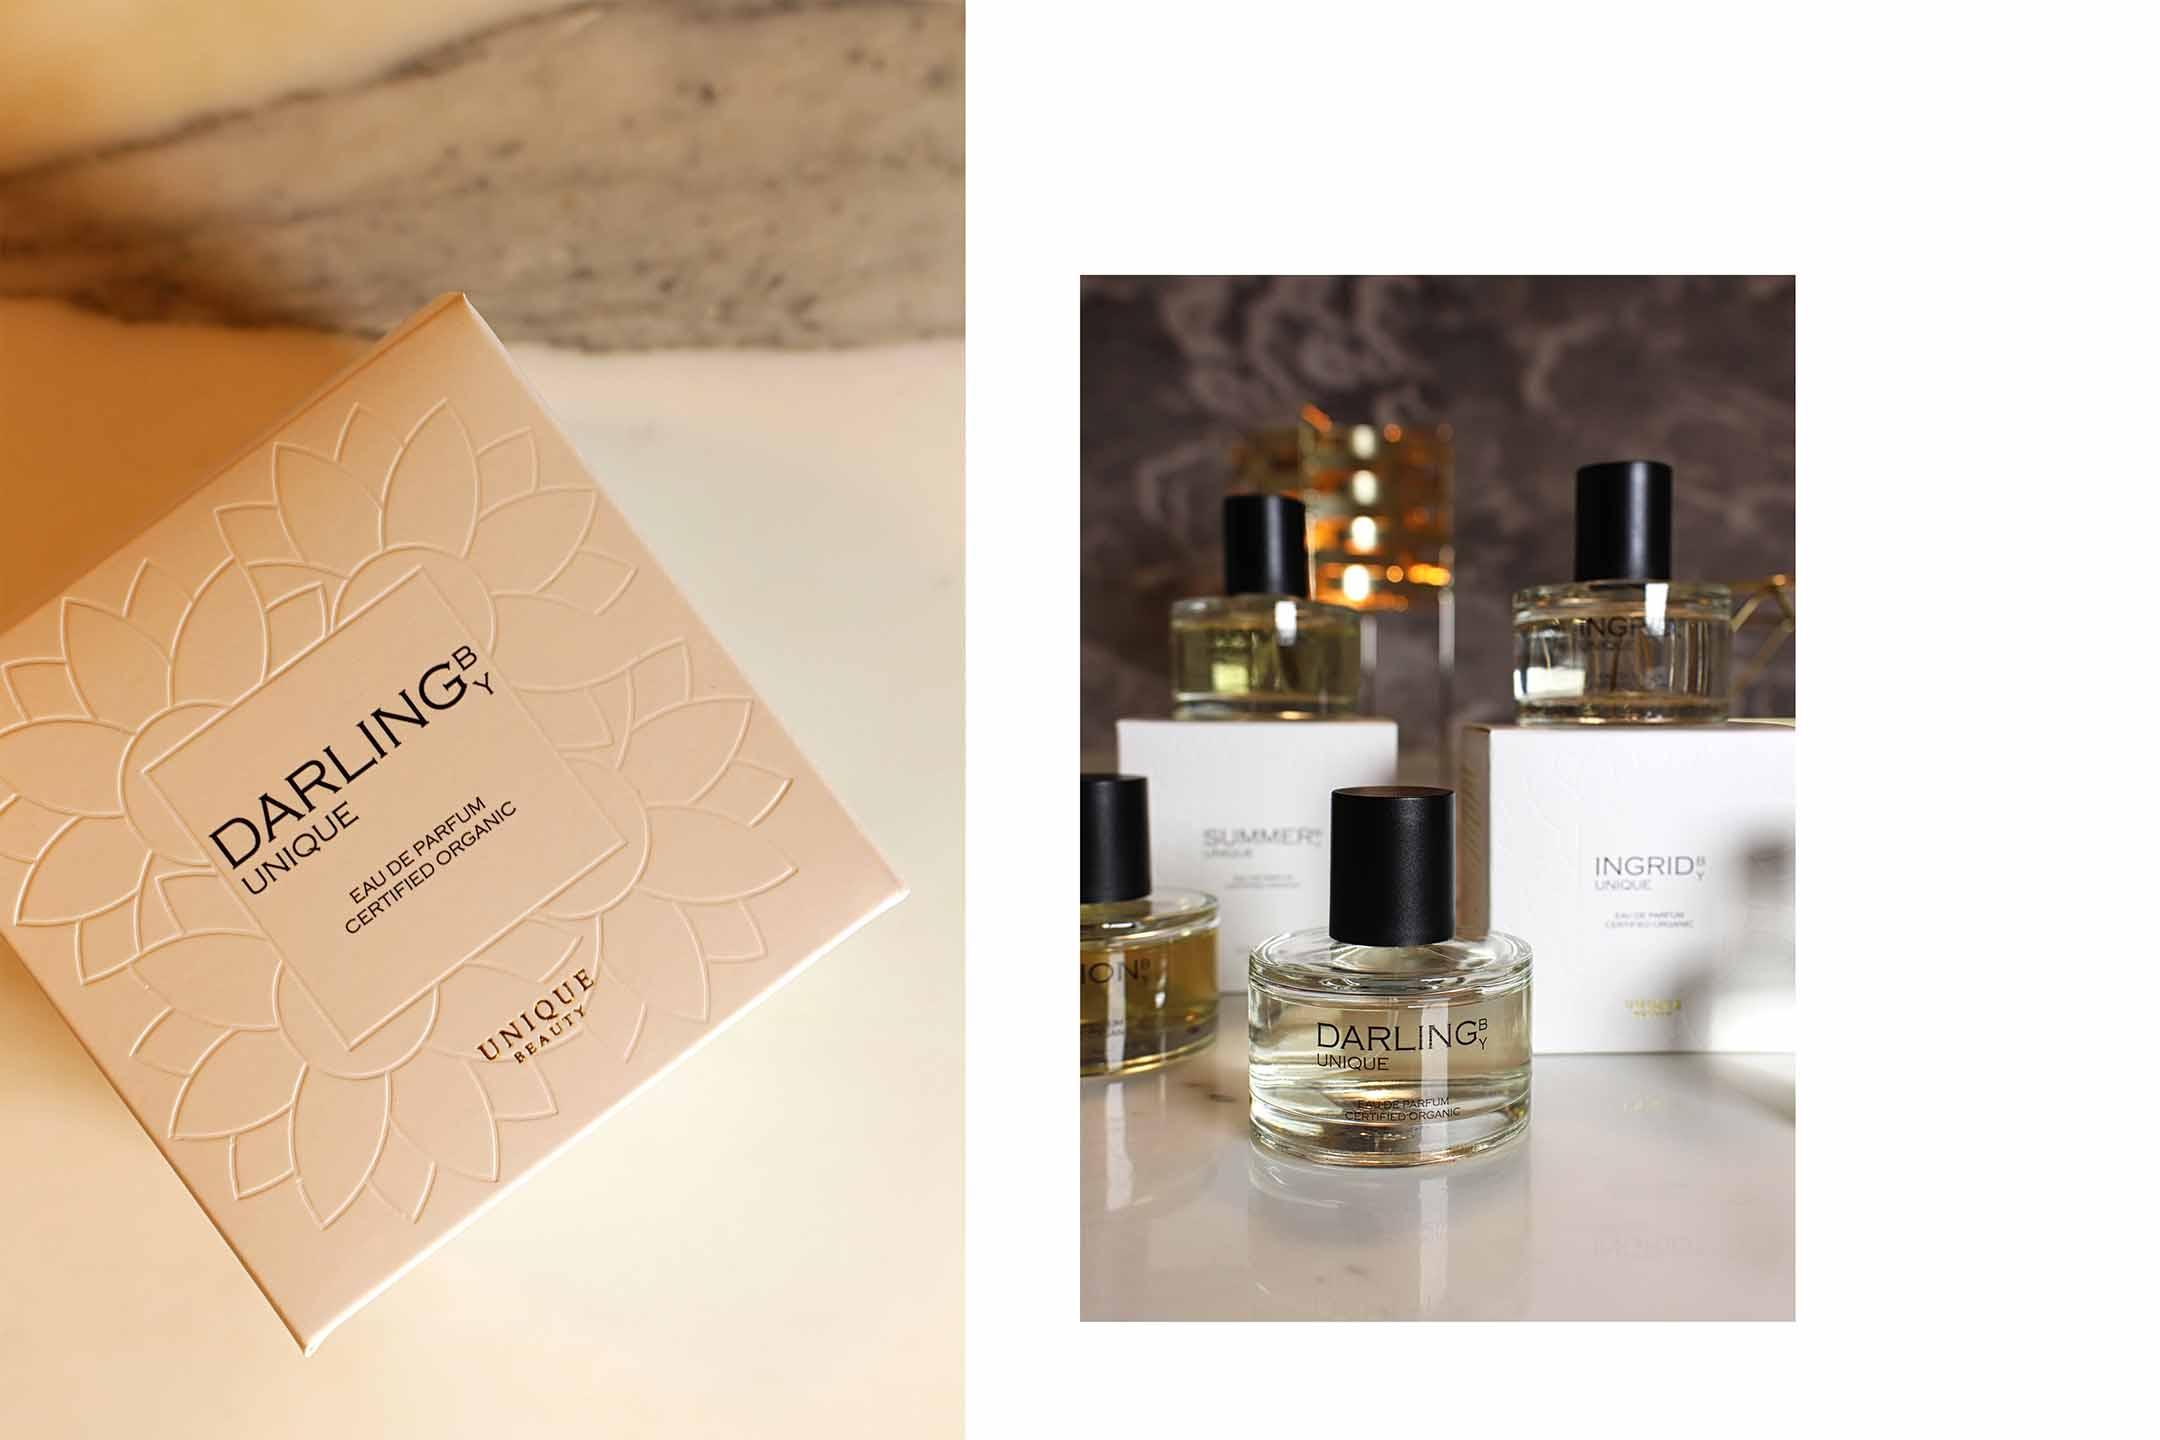 Darling Naturparfum